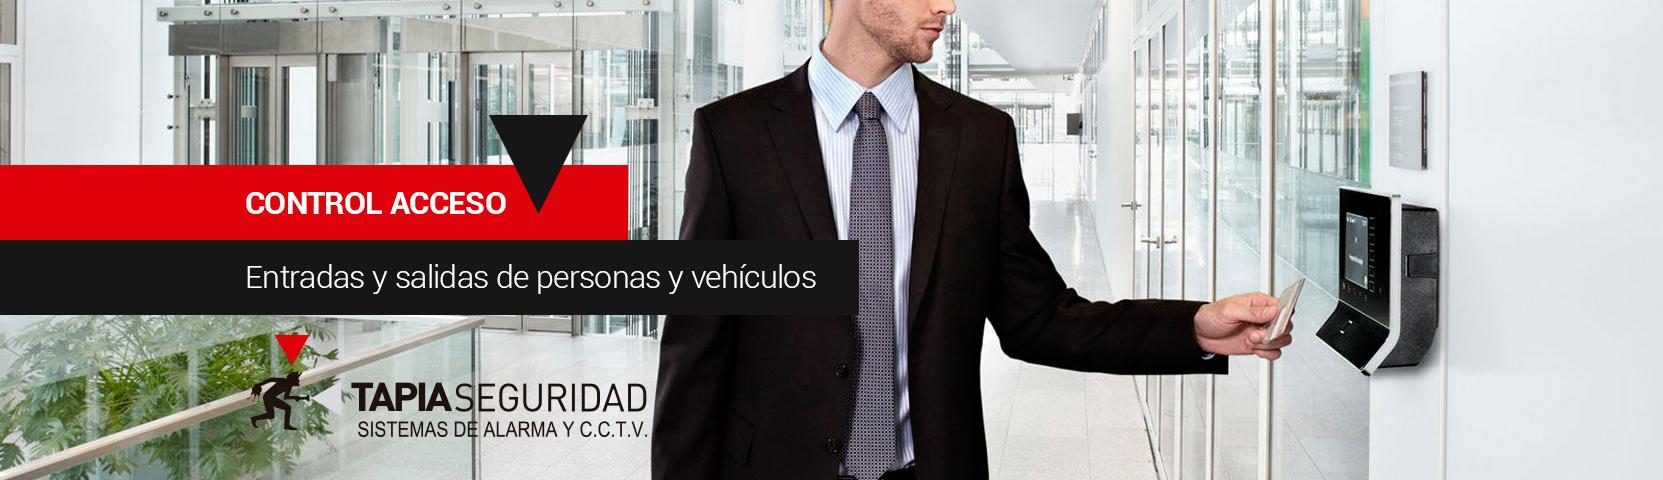 Controlar accesos de personas y vehículos